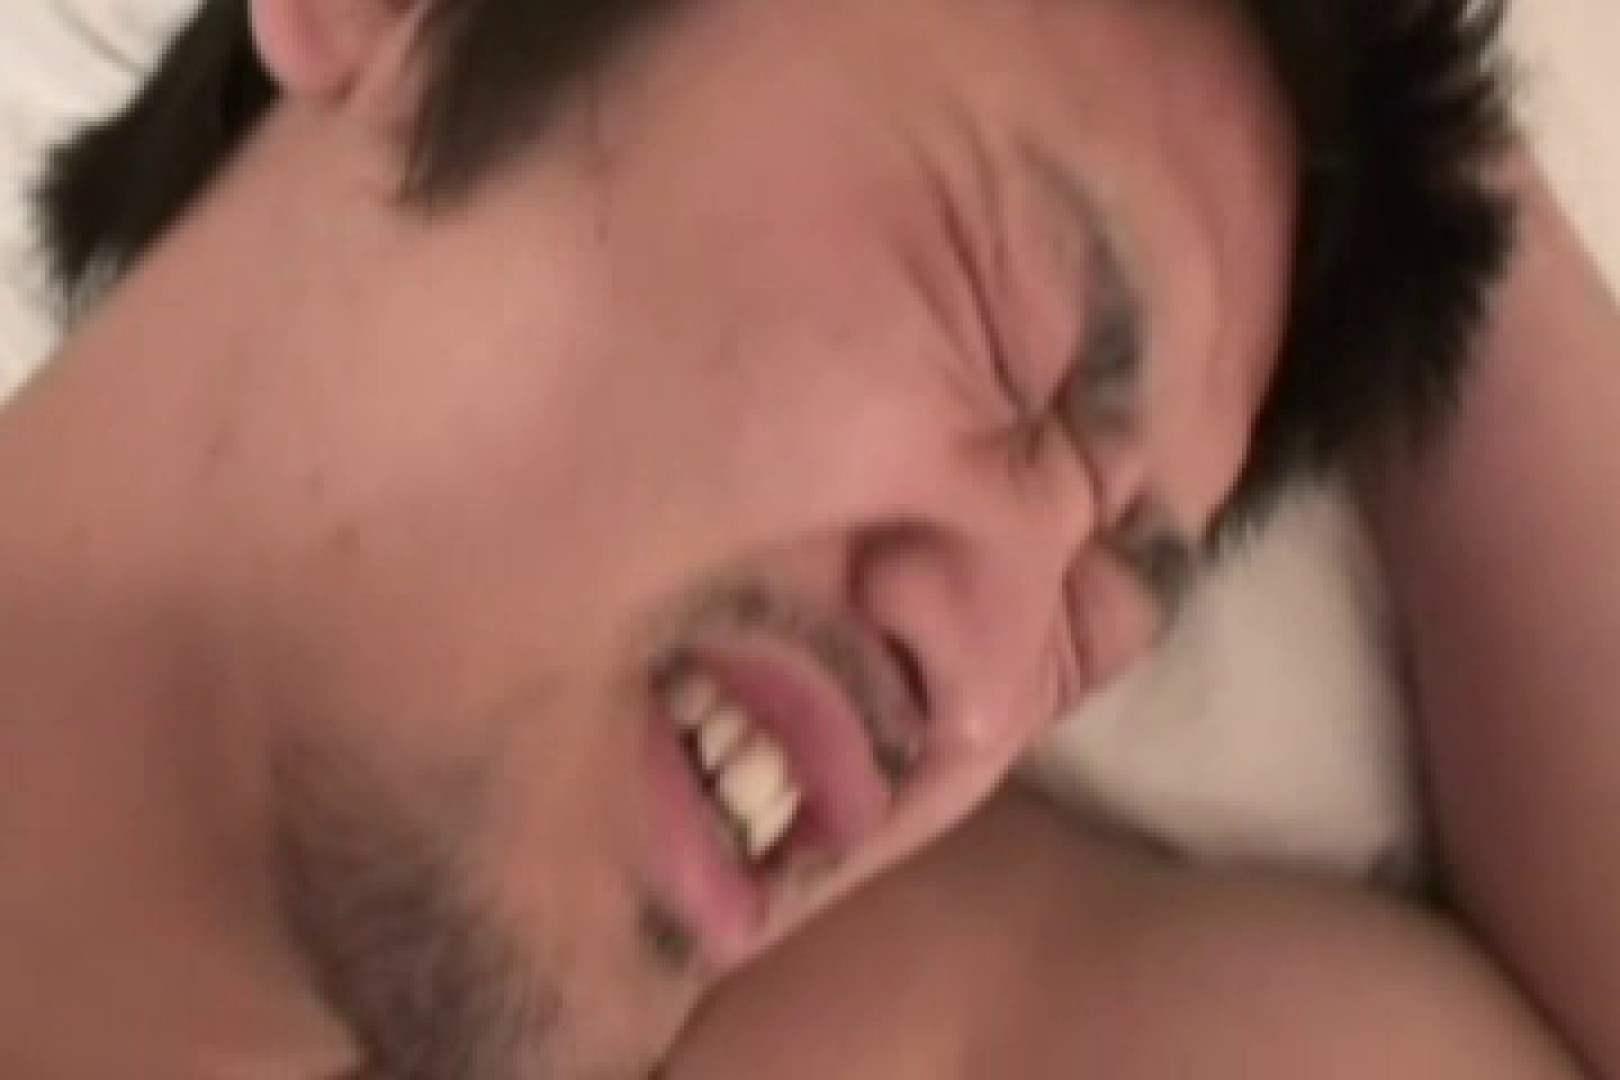 ひげメンたちのディープラブ!!コックリングでアナル三昧 チンコ特集 ゲイアダルト画像 76pic 38